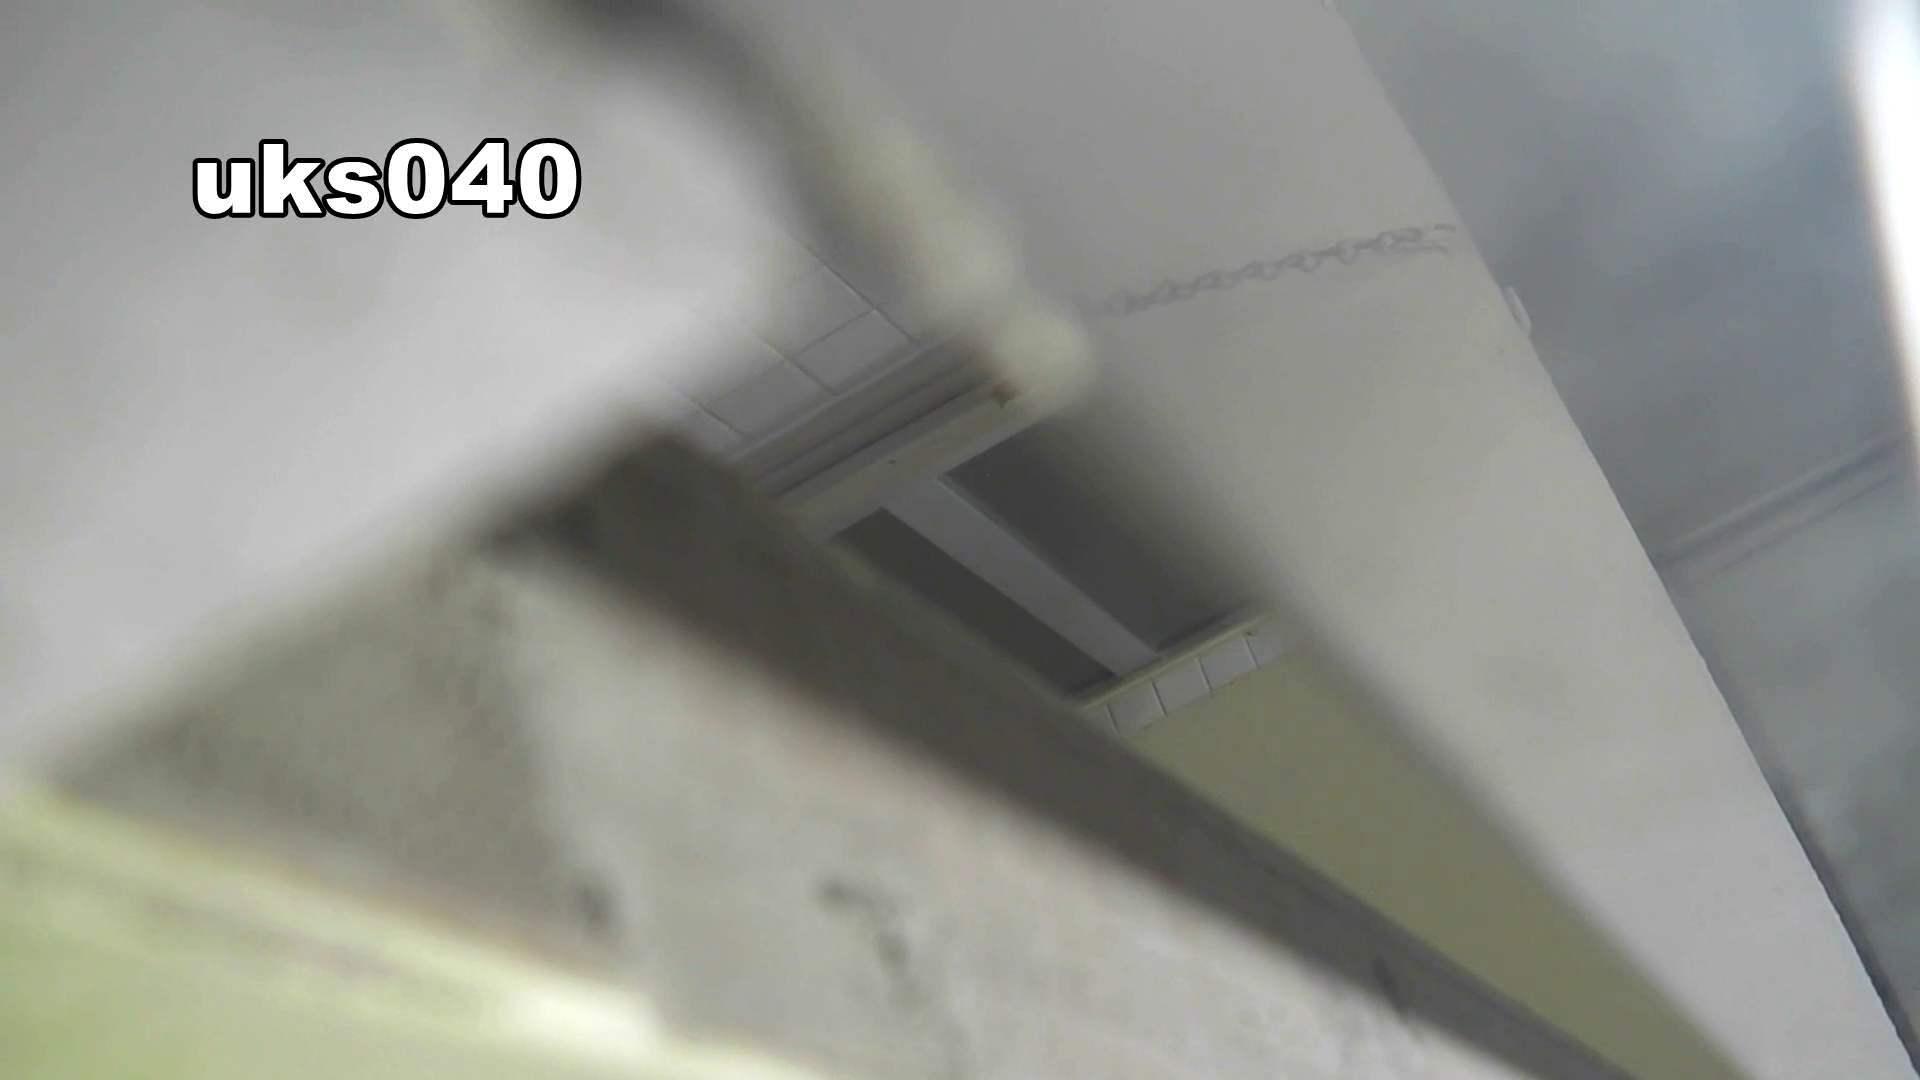 【美しき個室な世界】 vol.040 出て行かれる時の清楚姿撮り 高評価   高画質  112枚 106